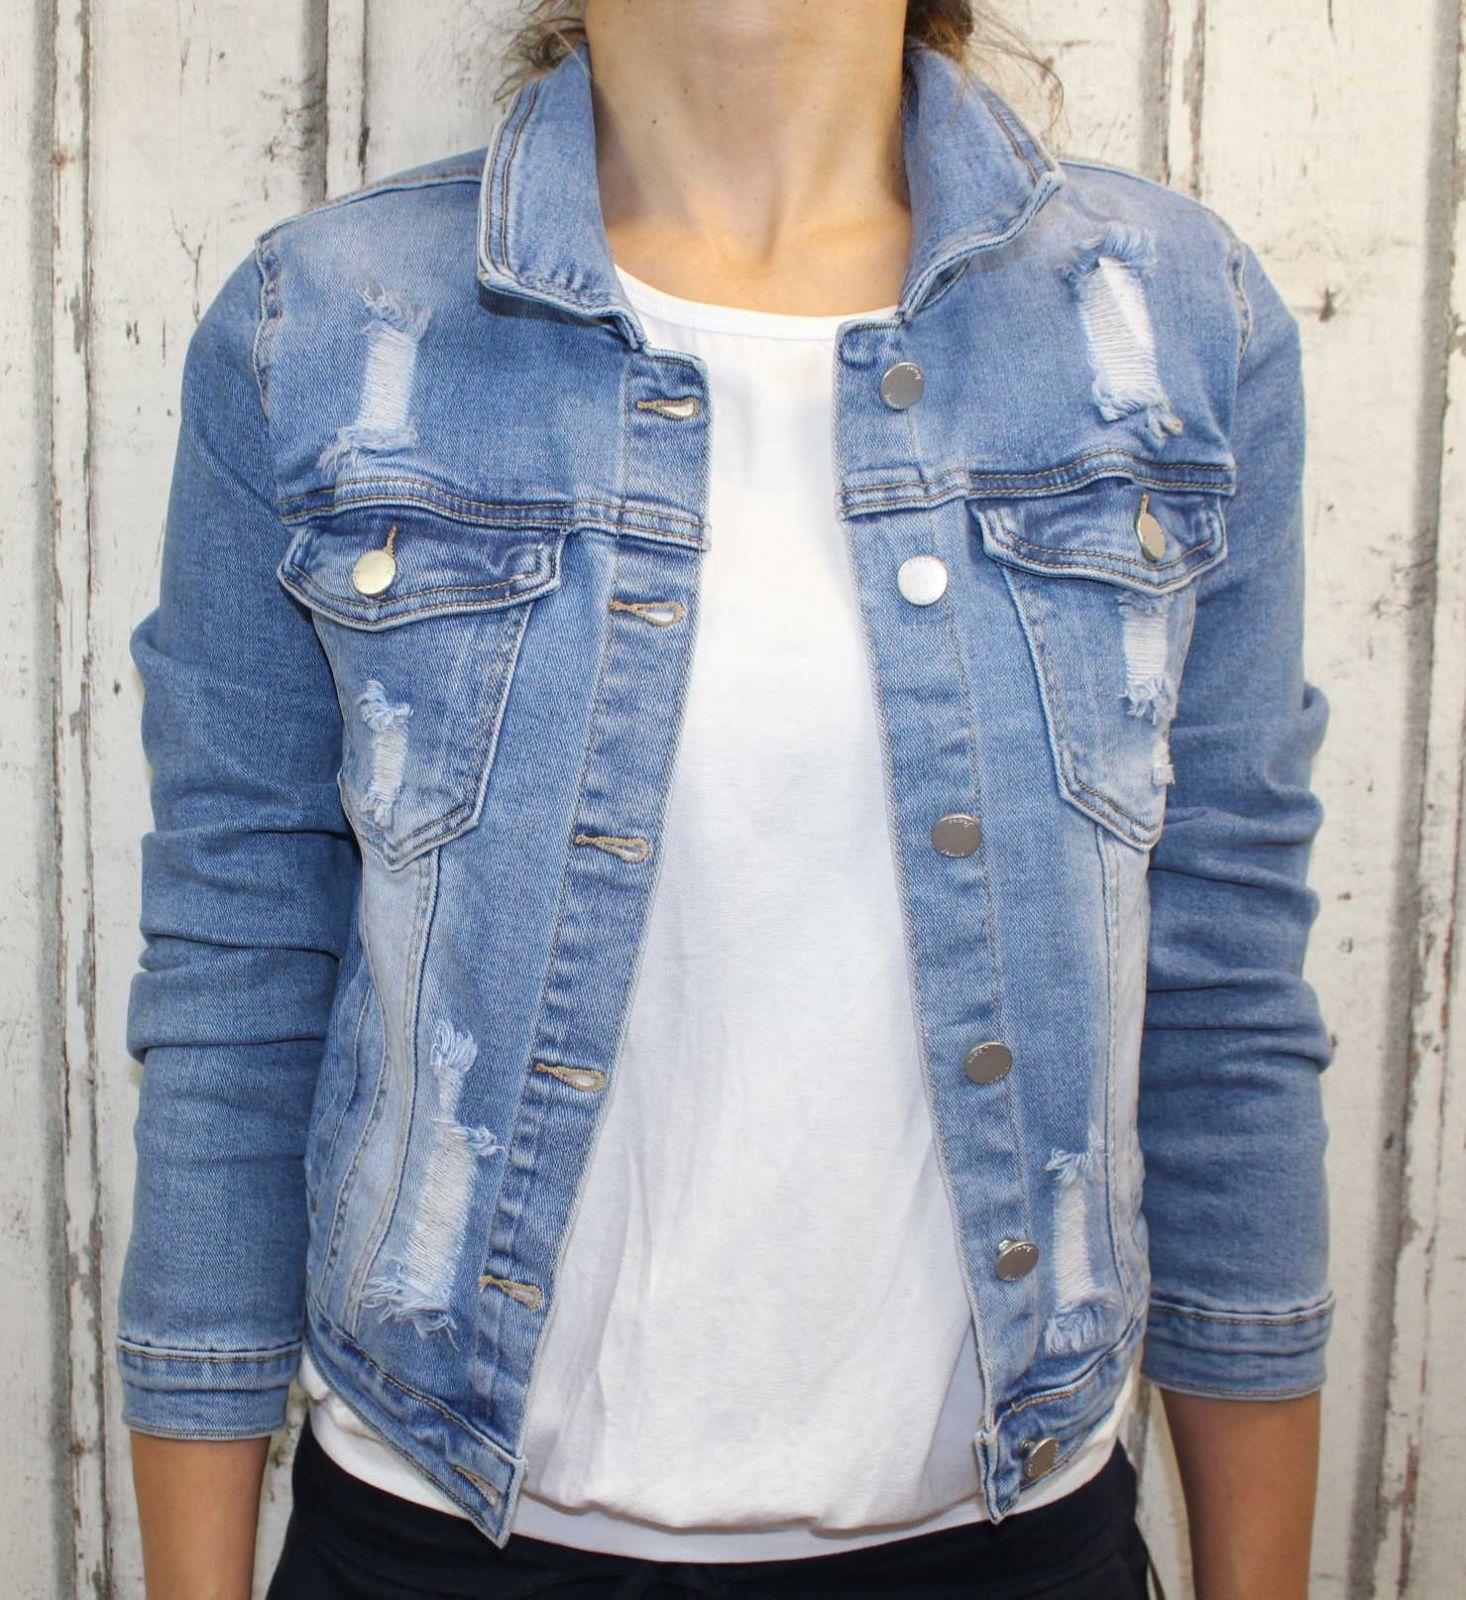 Dámská džínová bunda modrá, letní džínová bunda, džínová elastická bunda, trhaná džíska, modrá džínová bundička, modrá džíska Italy Moda